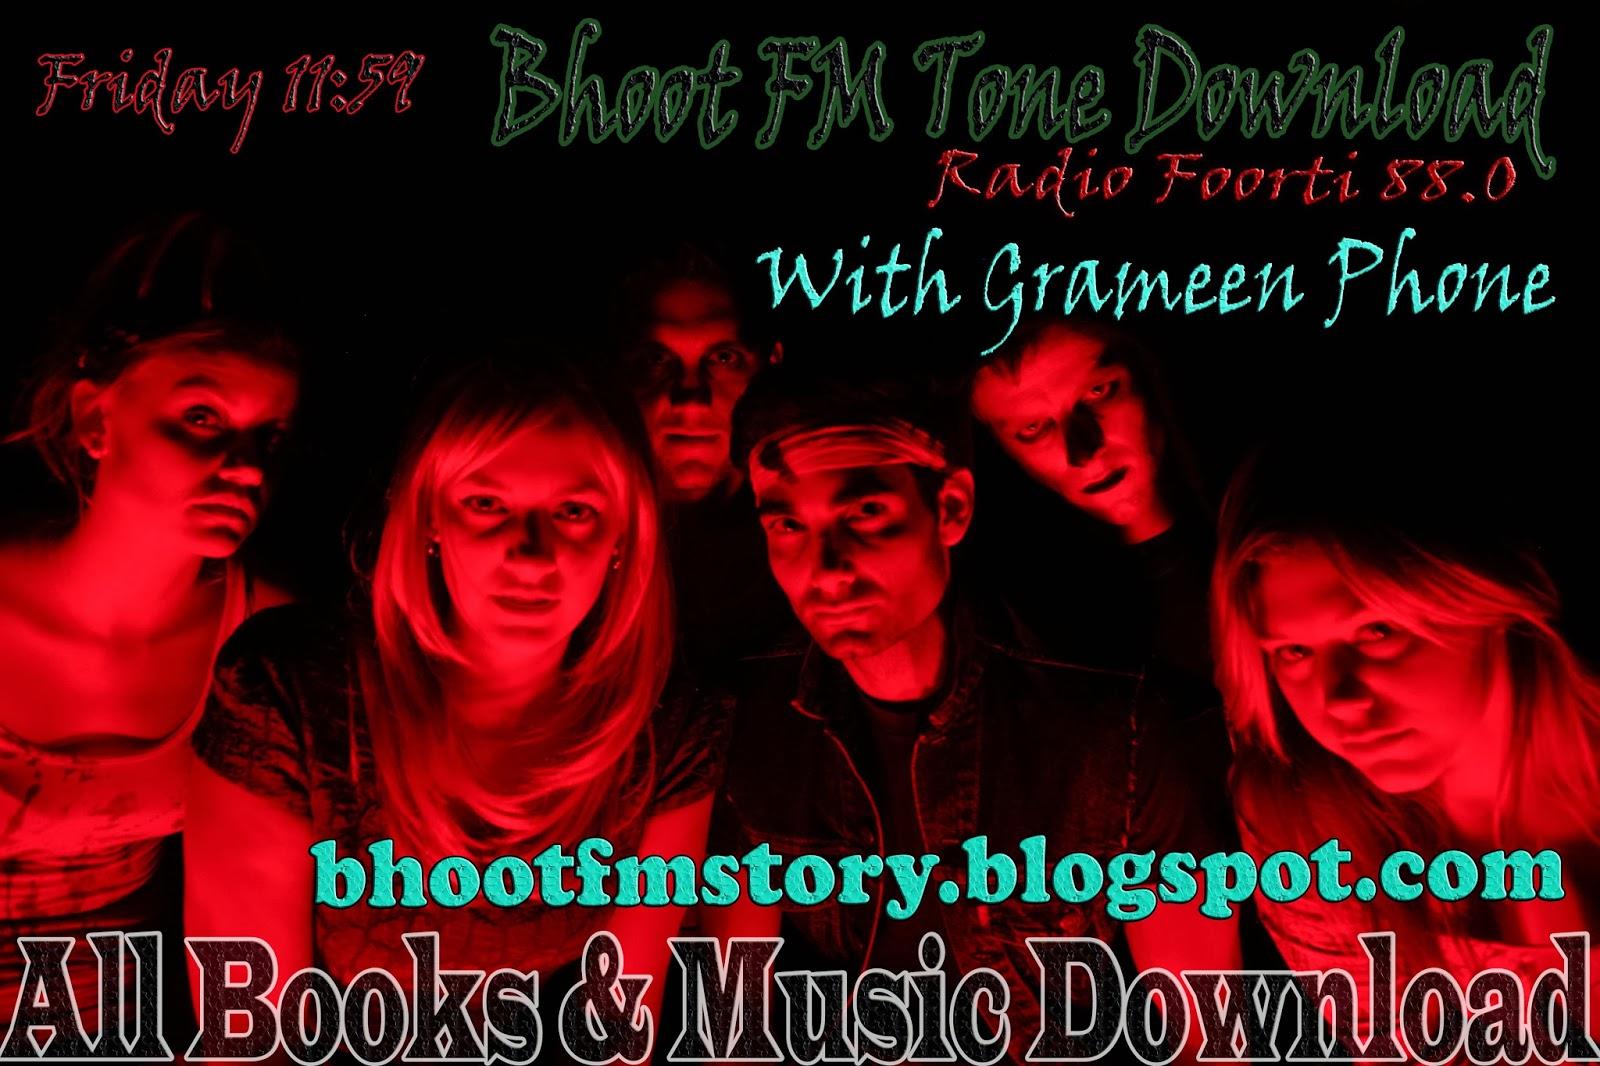 Bhoot Fm 2019 audio download Khatrimaza com